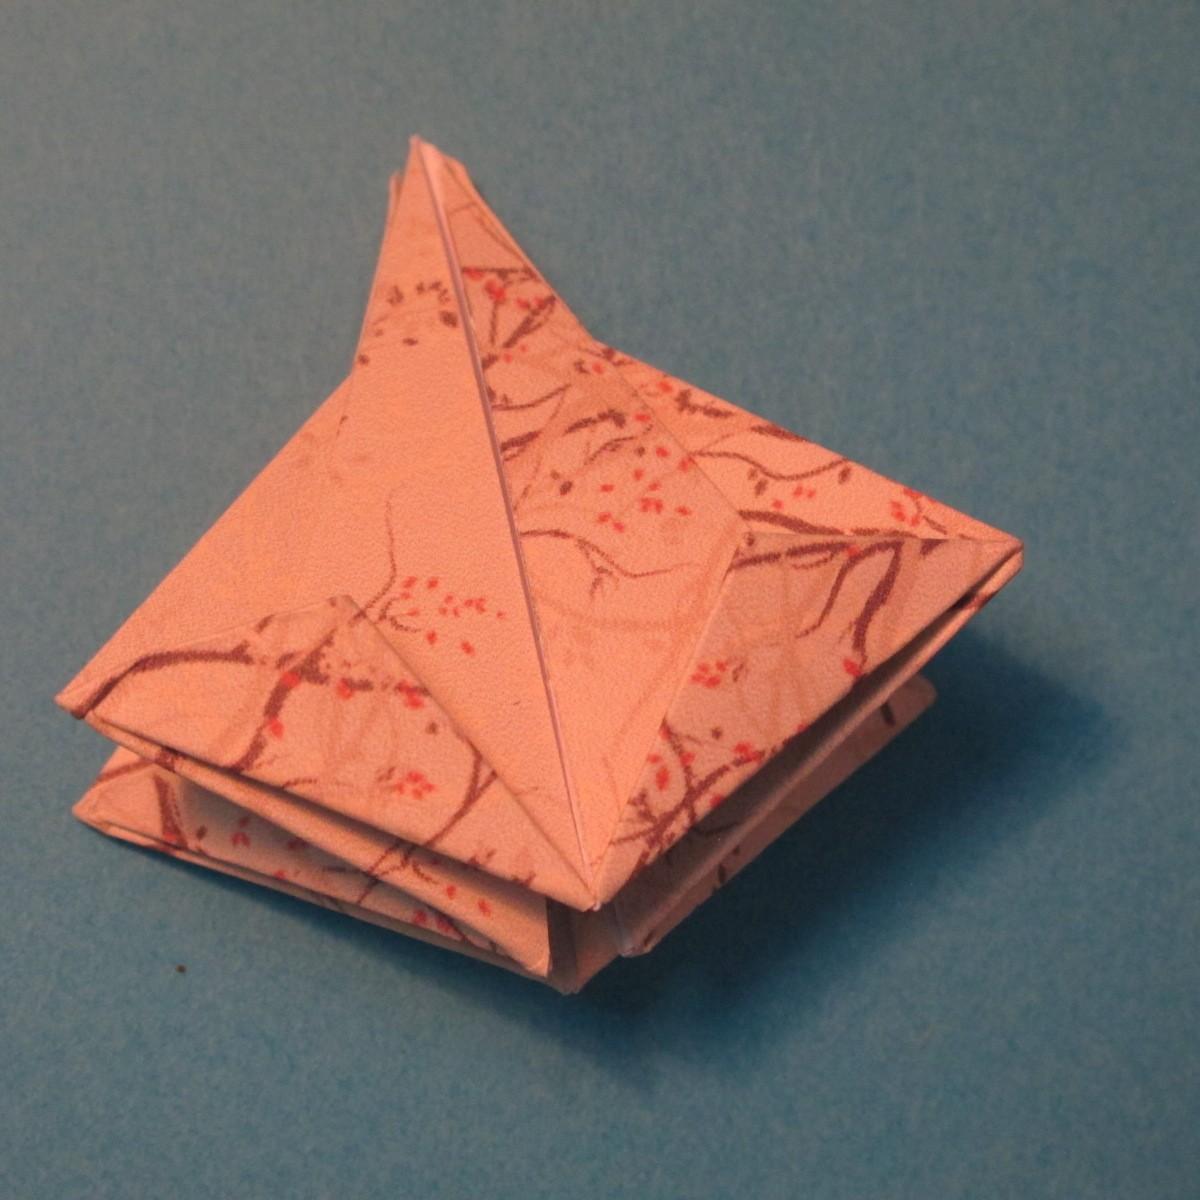 วิธีการพับกระดาษเป็นดาวสี่แฉก 019